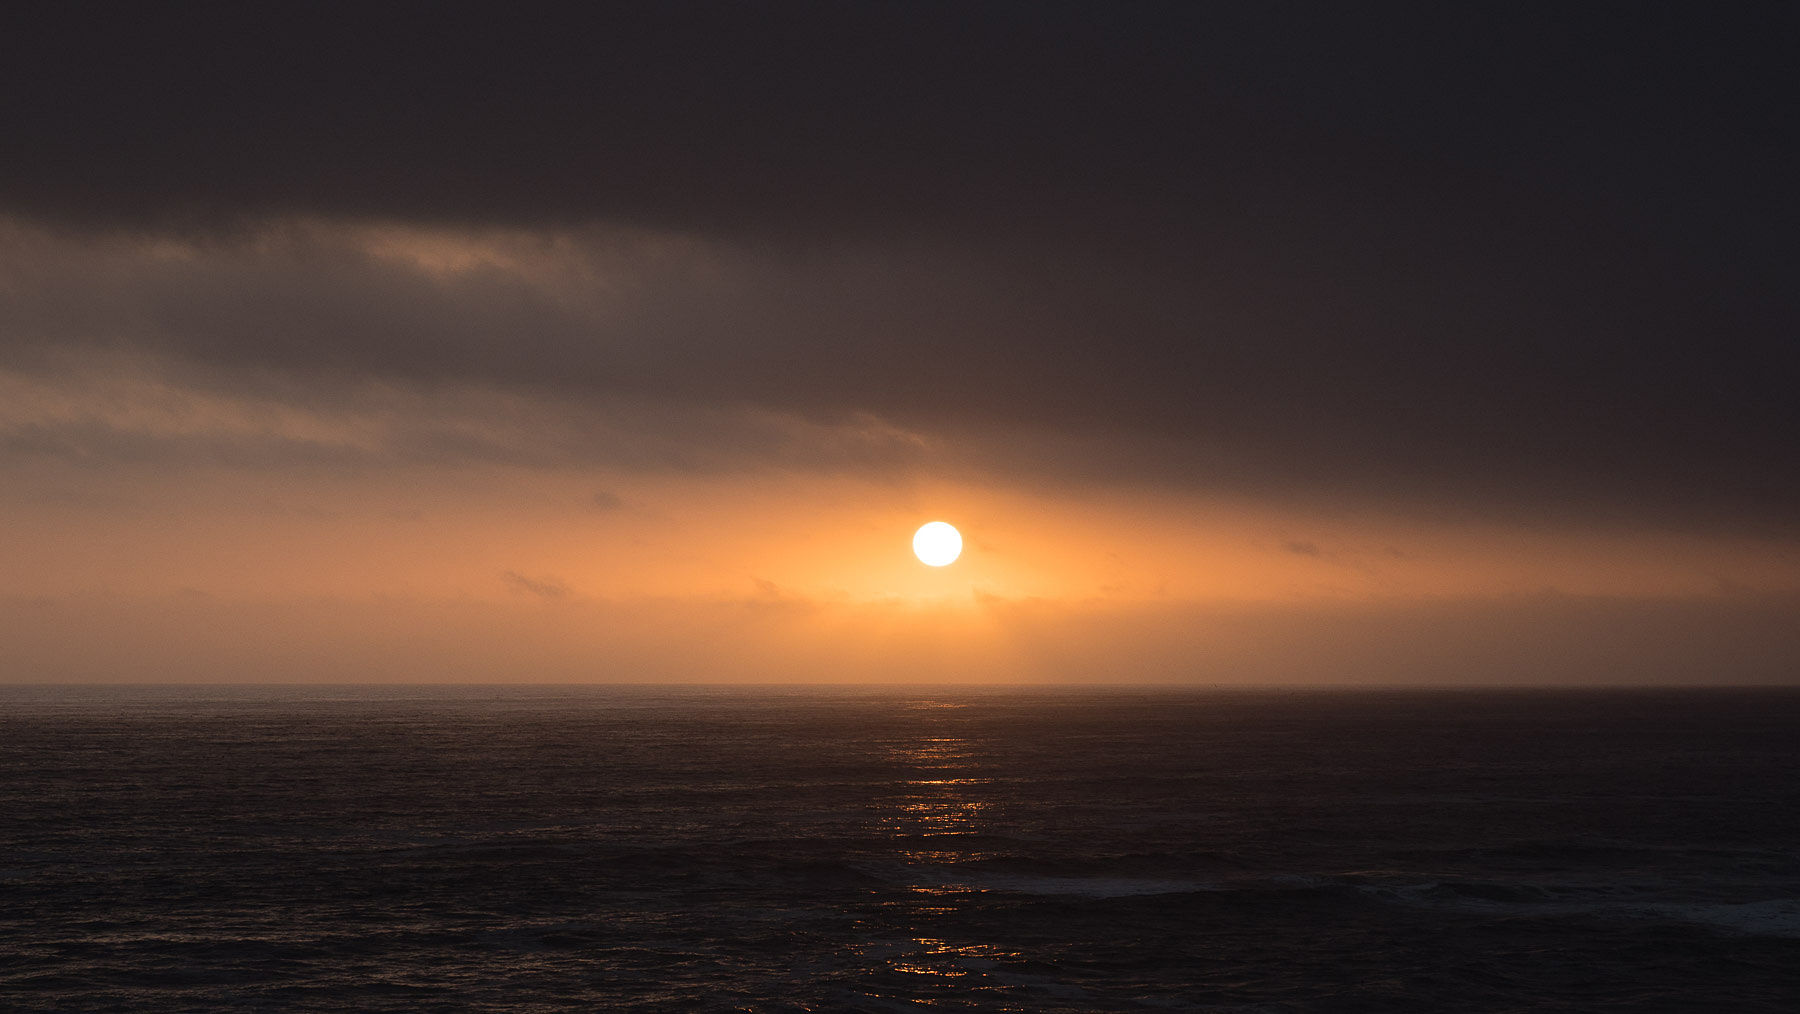 Selten kommt die Sonne mal durch den Nebel